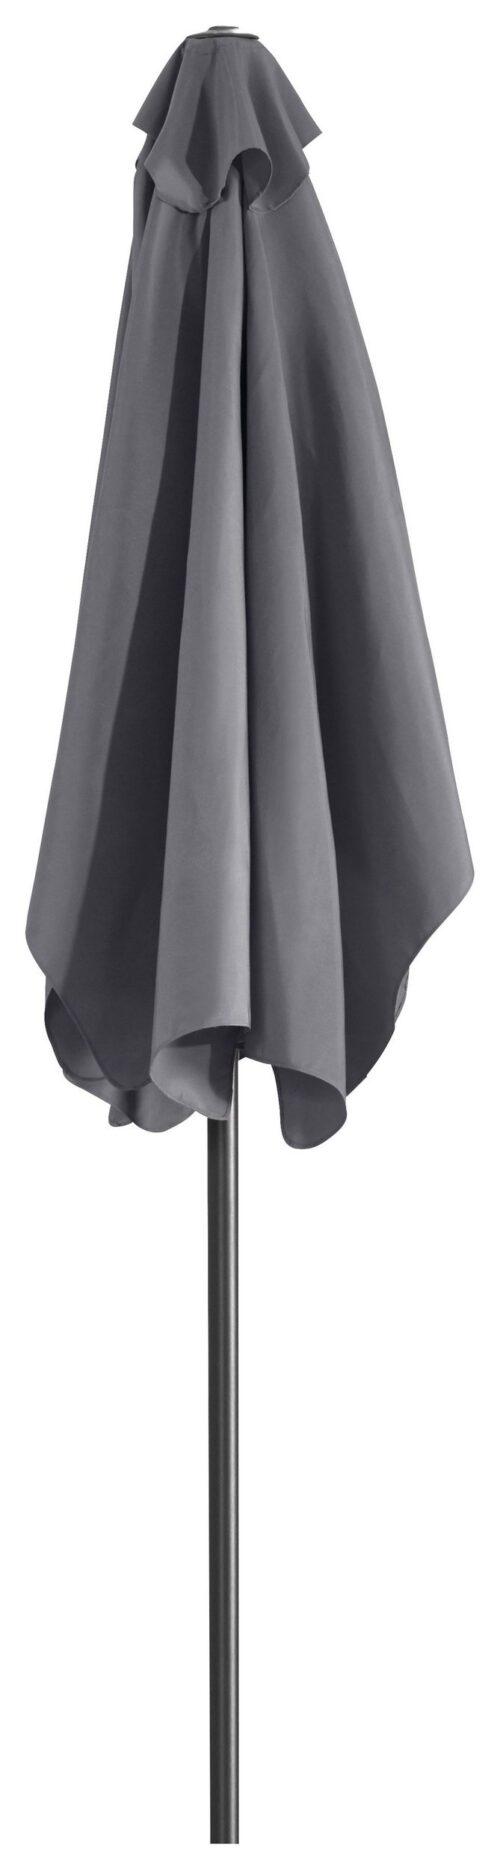 garten gut Sonnenschirm LxB:120x190cm abknickbar ohne Schirmständer B70496918 UVP 54,99€ | 70496918 3jpg